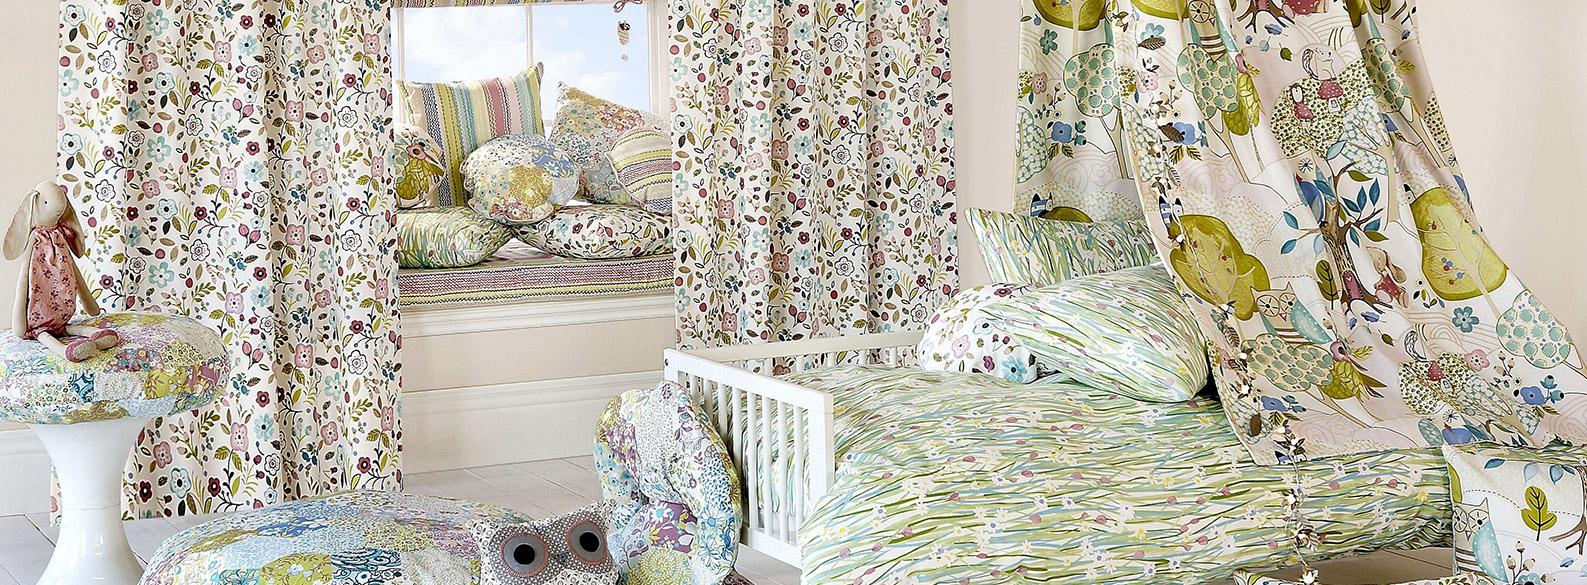 kinderzimmer die gardine. Black Bedroom Furniture Sets. Home Design Ideas